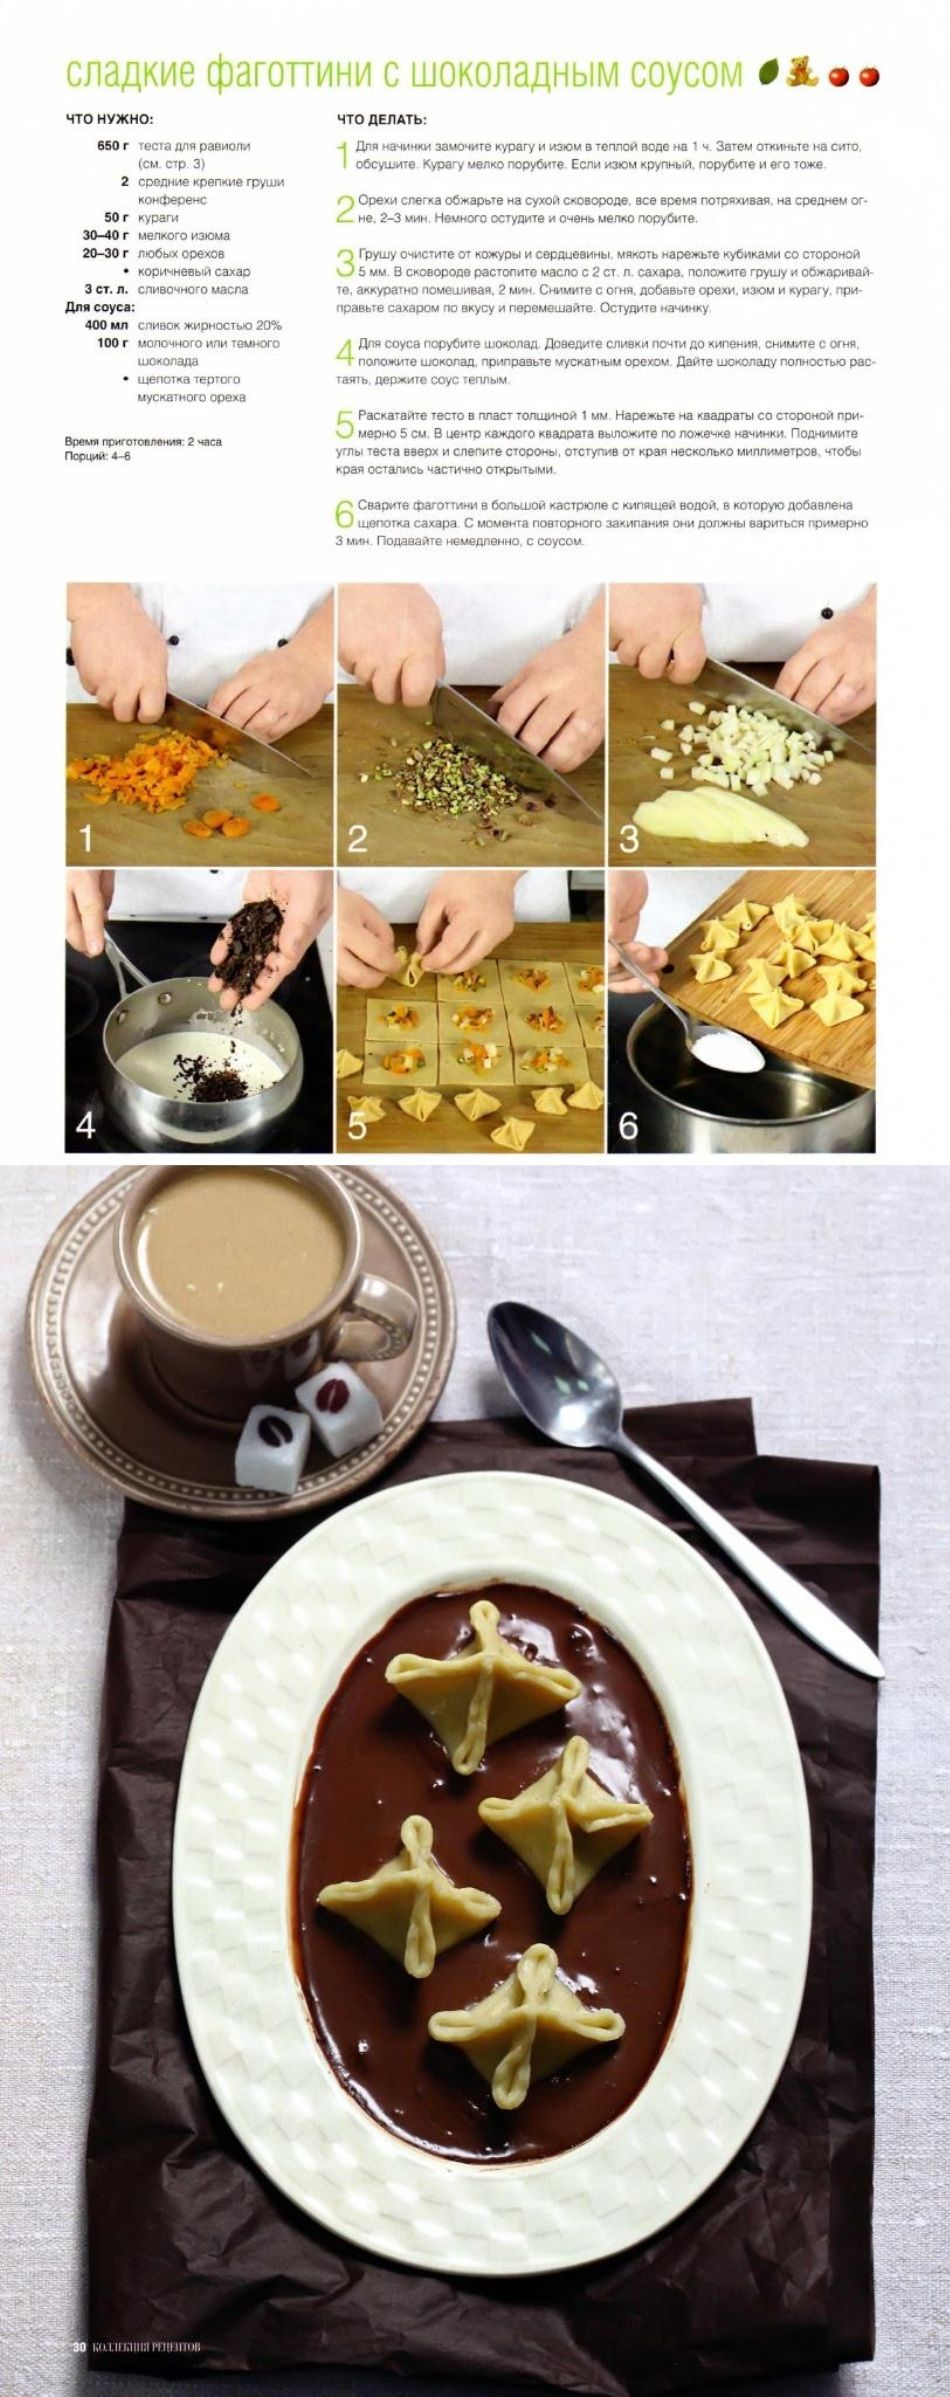 Сладкие фаготтини с шоколадным соусом   Еда, Завтрак, Кухня